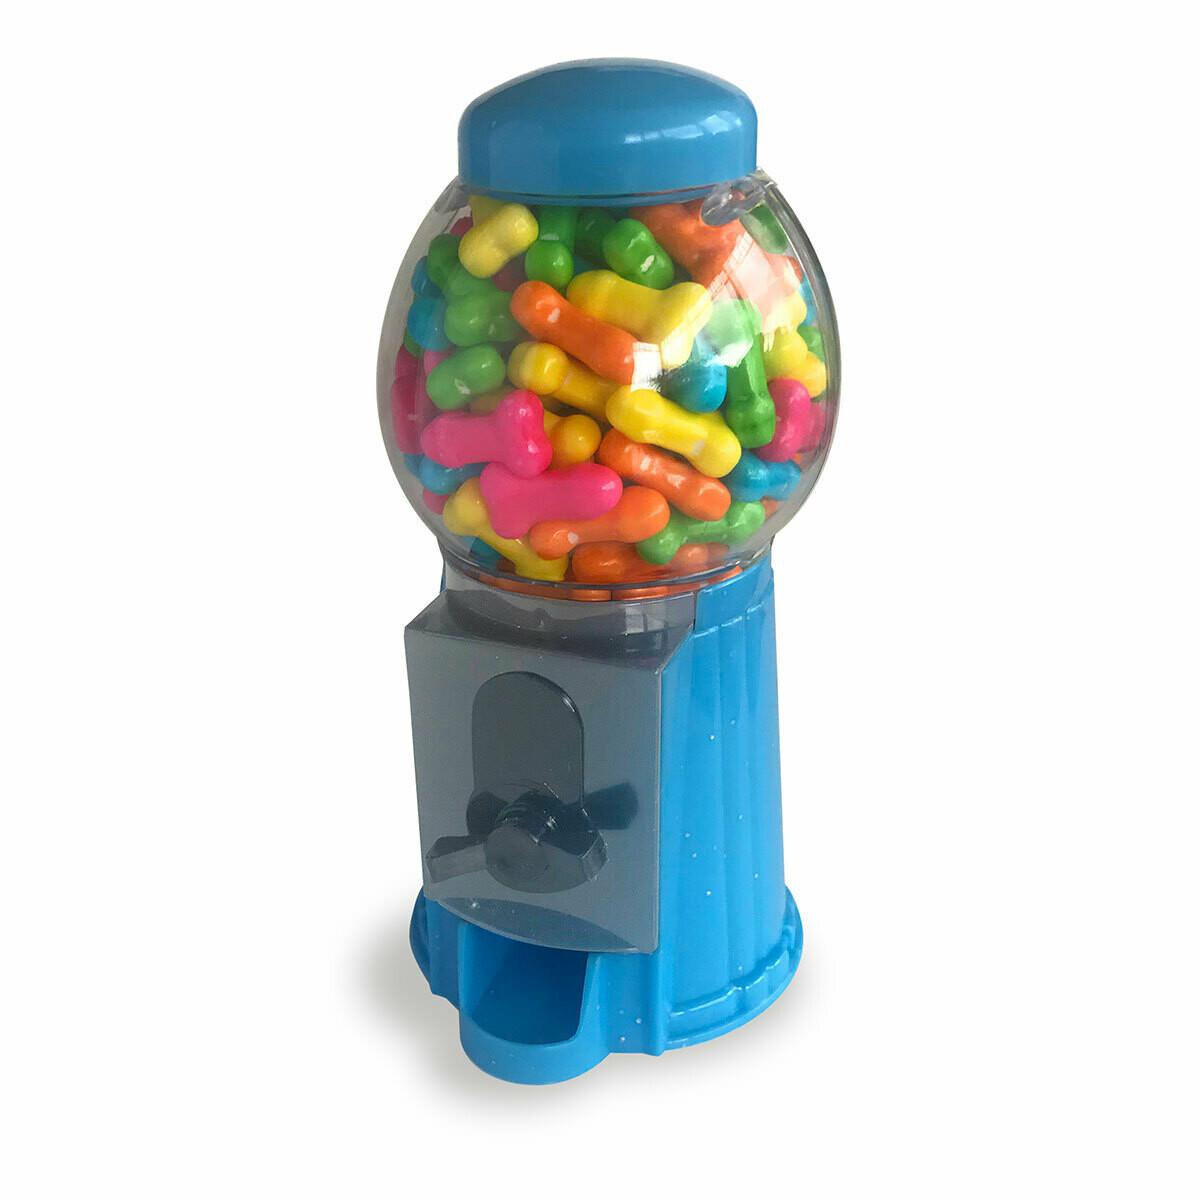 Super Fun Candy Machine